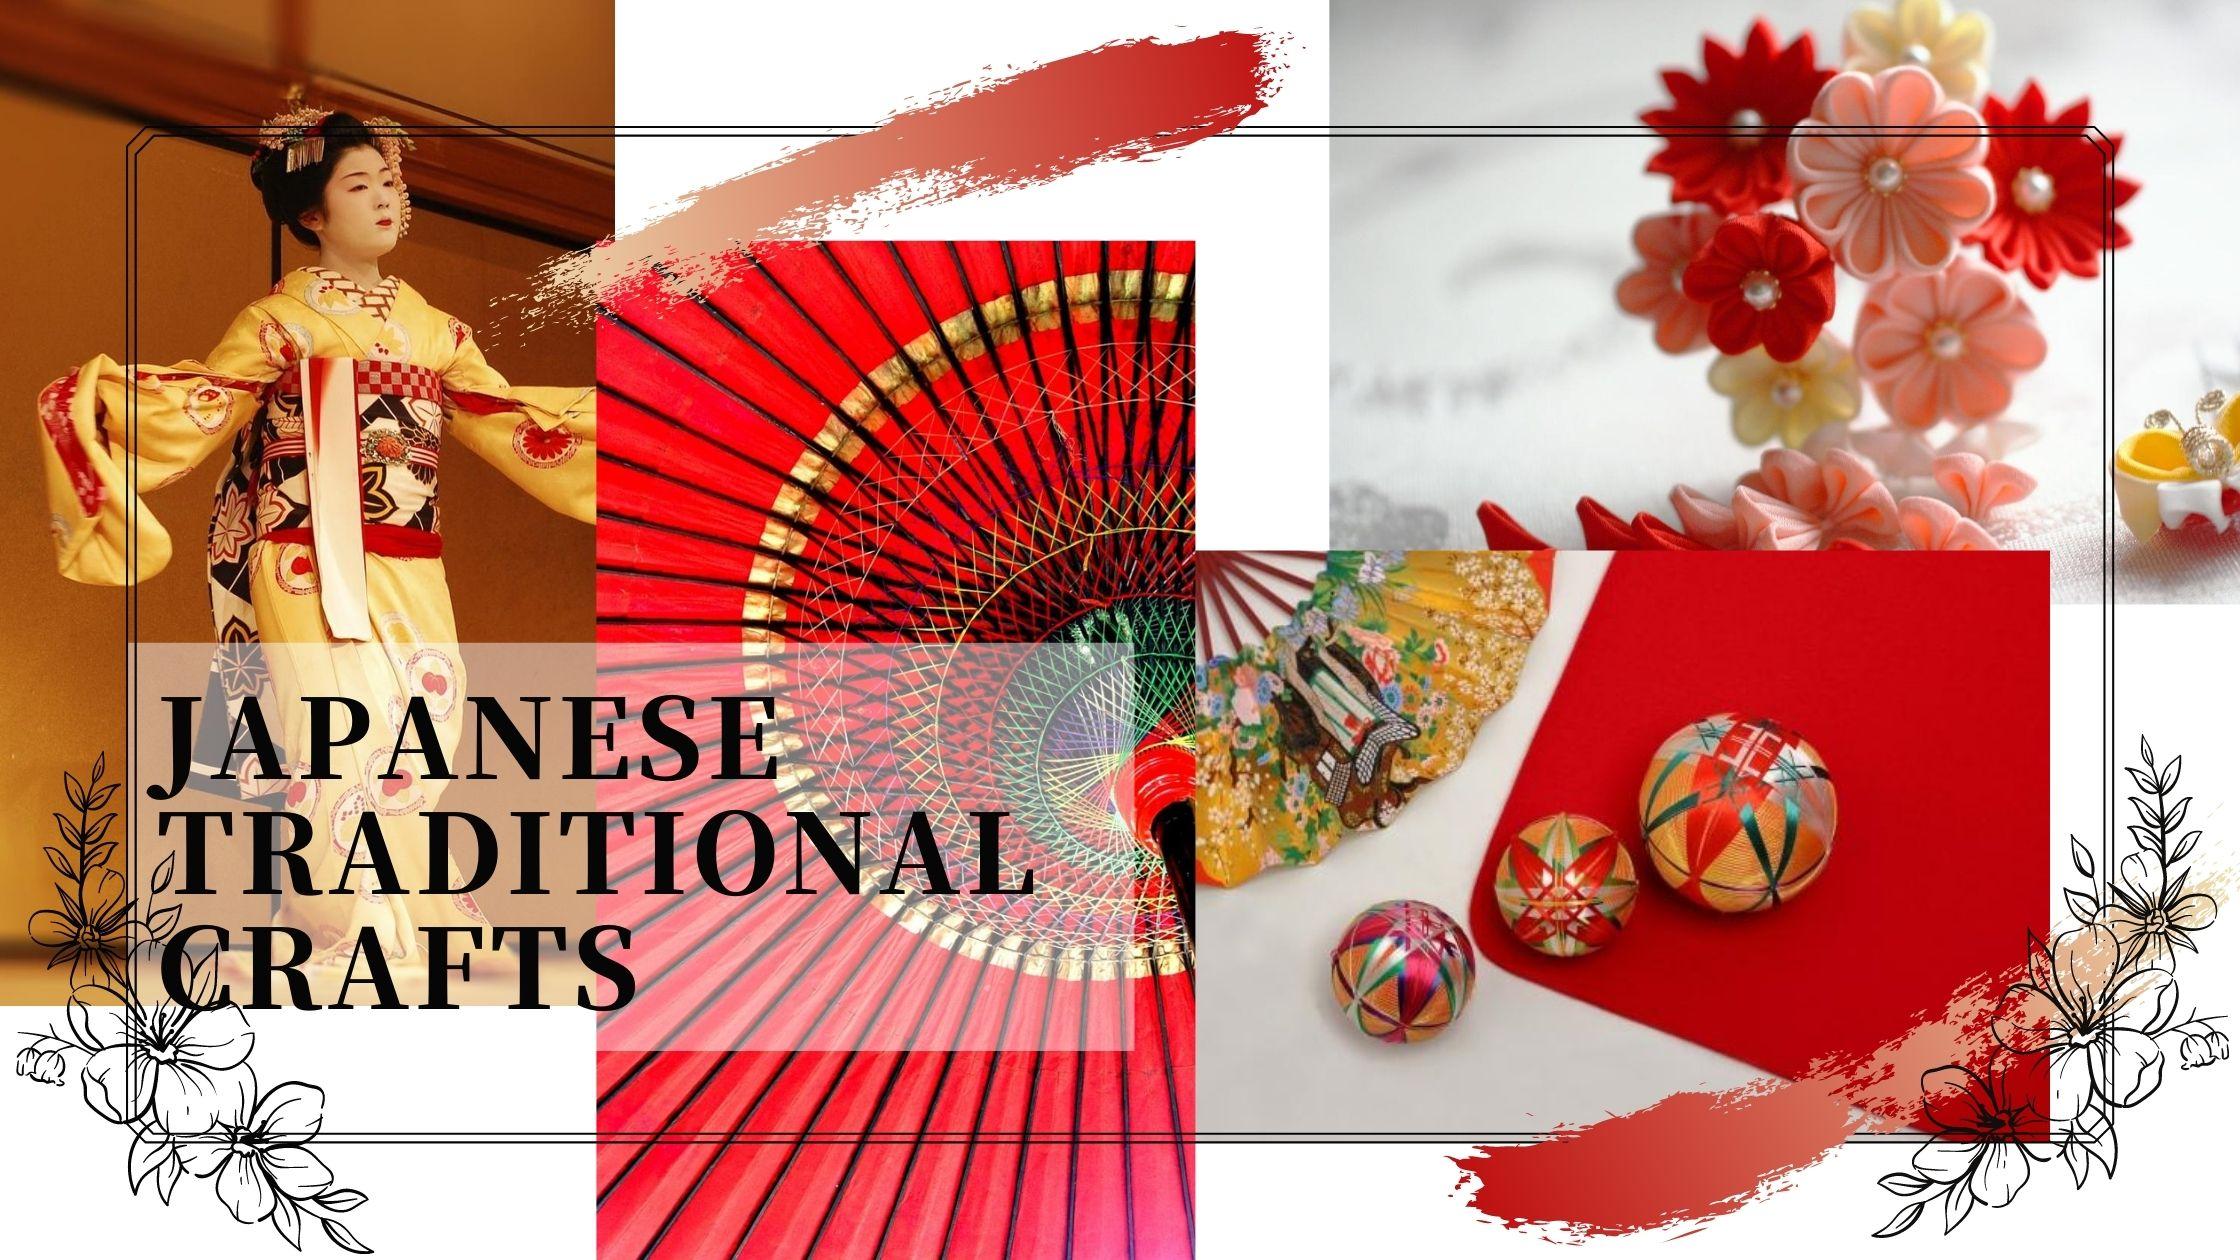 伝統工芸品とのコラボレーション 伝統工芸品の課題解決